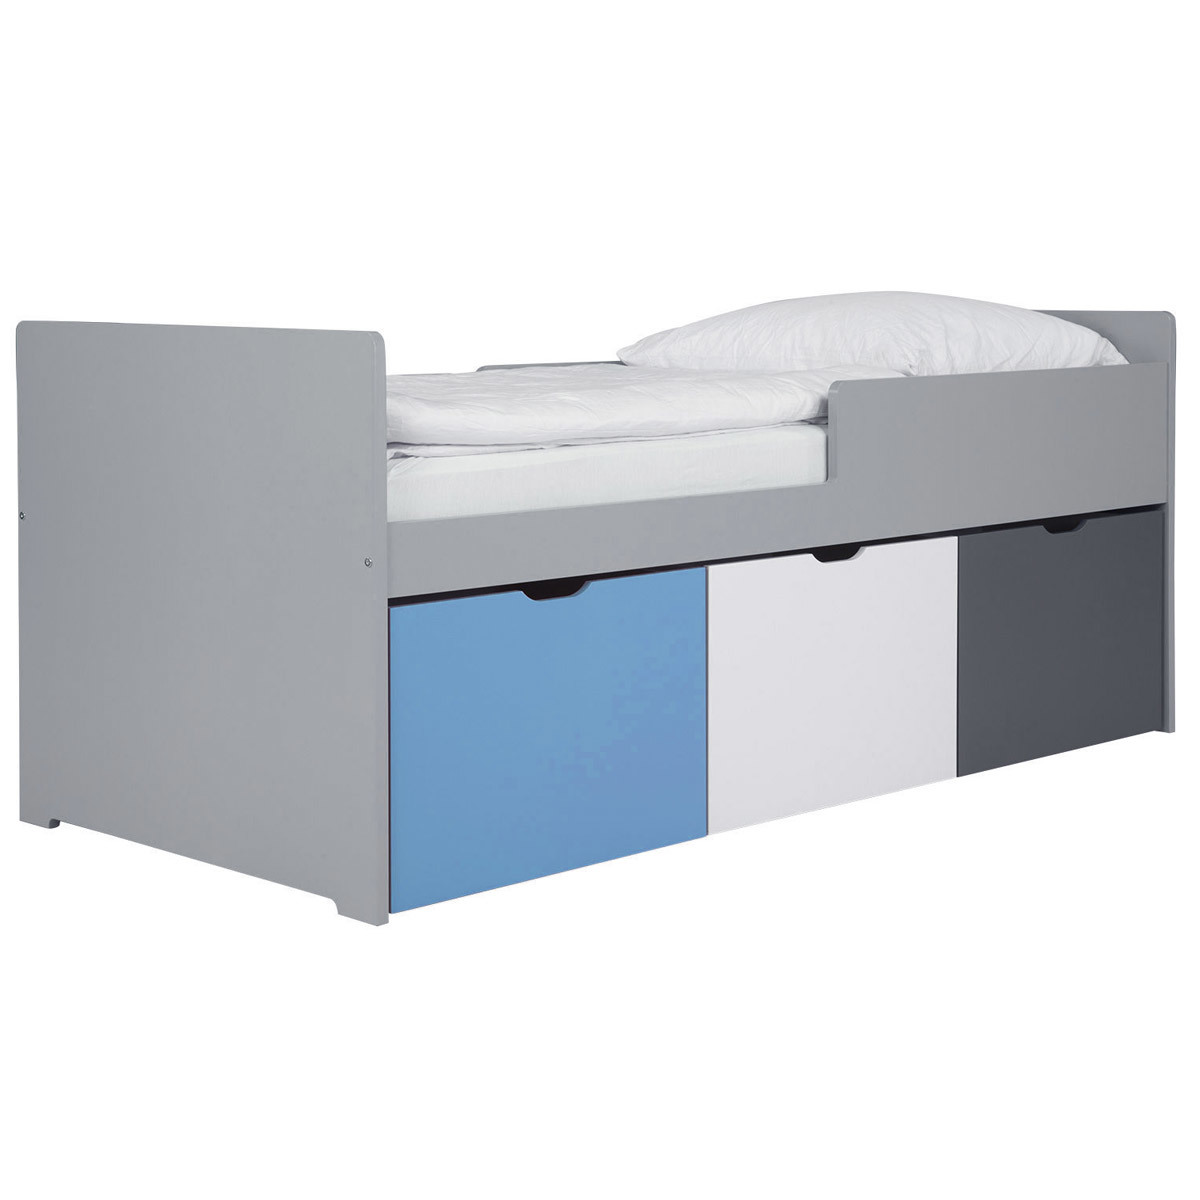 Letto bambino con cassetti 90x200 cm blu bianco et grigio JULES